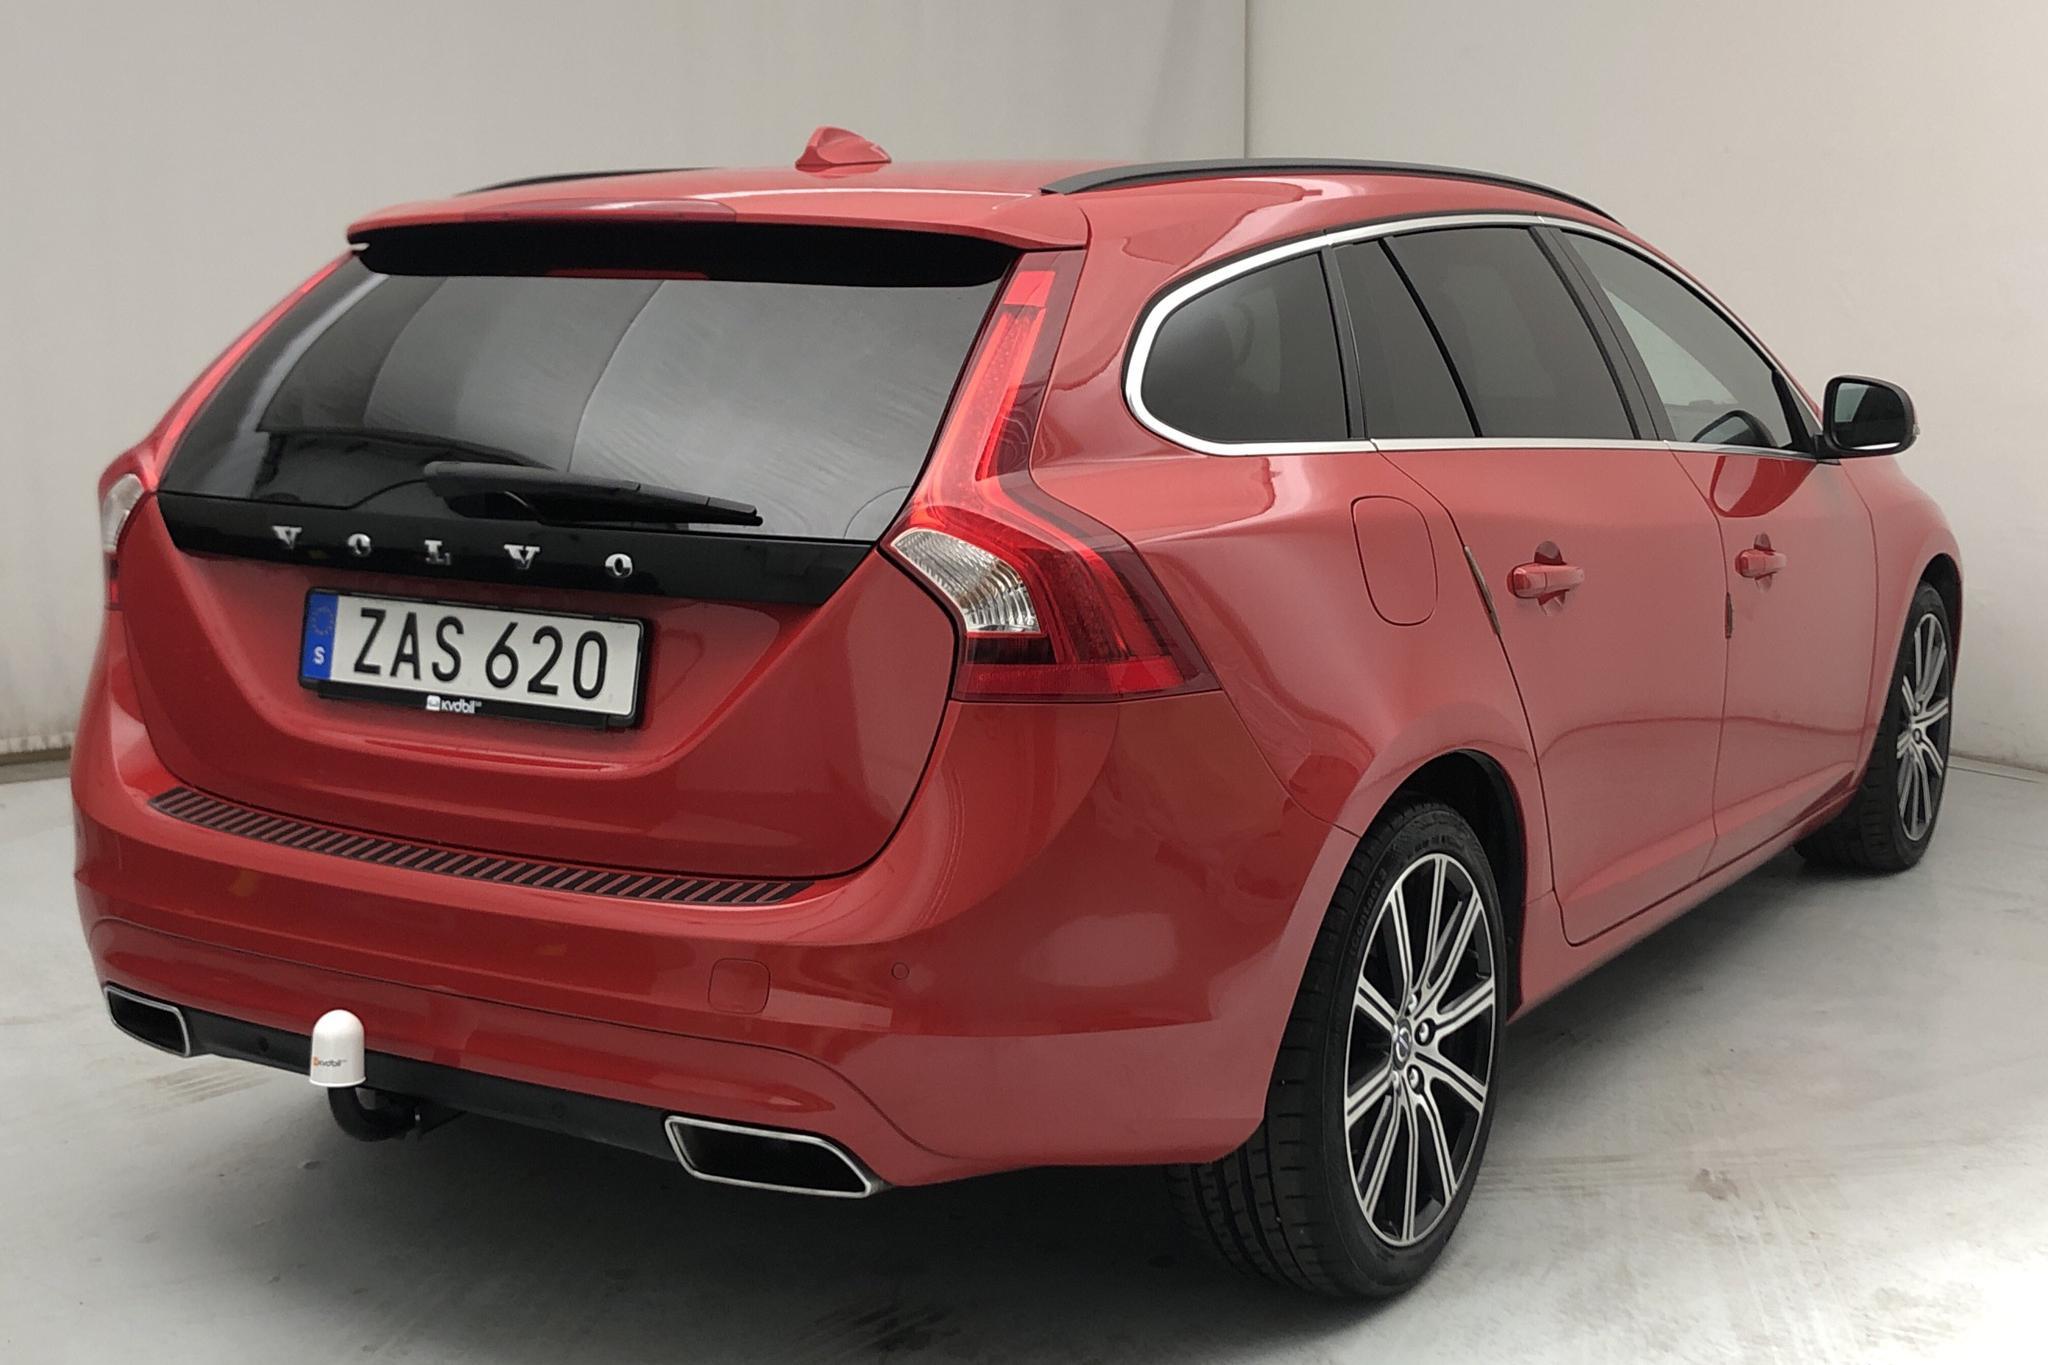 Volvo V60 D4 (190hk) - 3 548 mil - Automat - röd - 2018